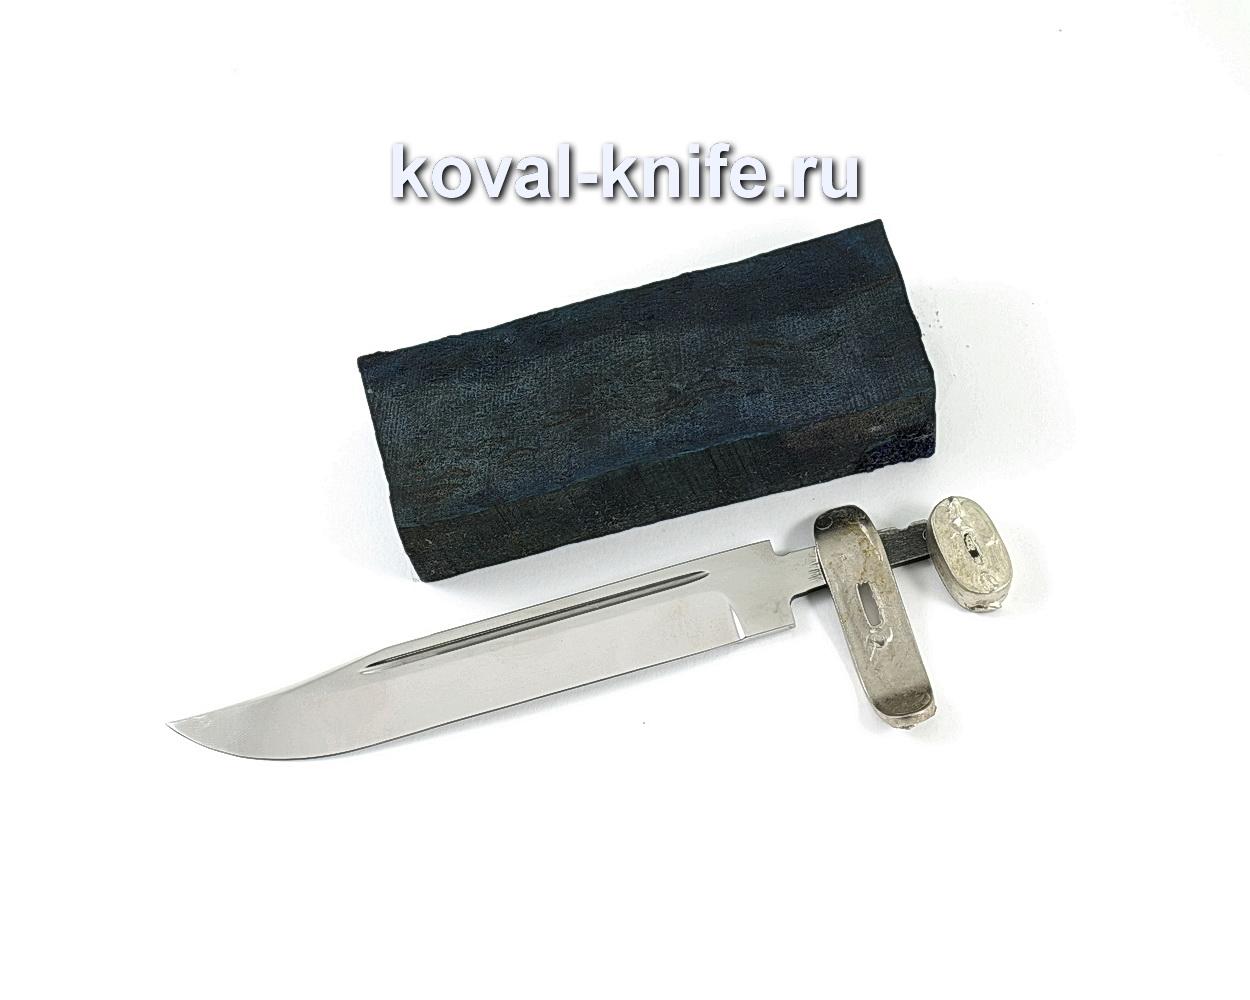 Комплект для ножа НР-40 1 (клинок кованая 95х18 2,4мм, литье 2шт., граб брусок)